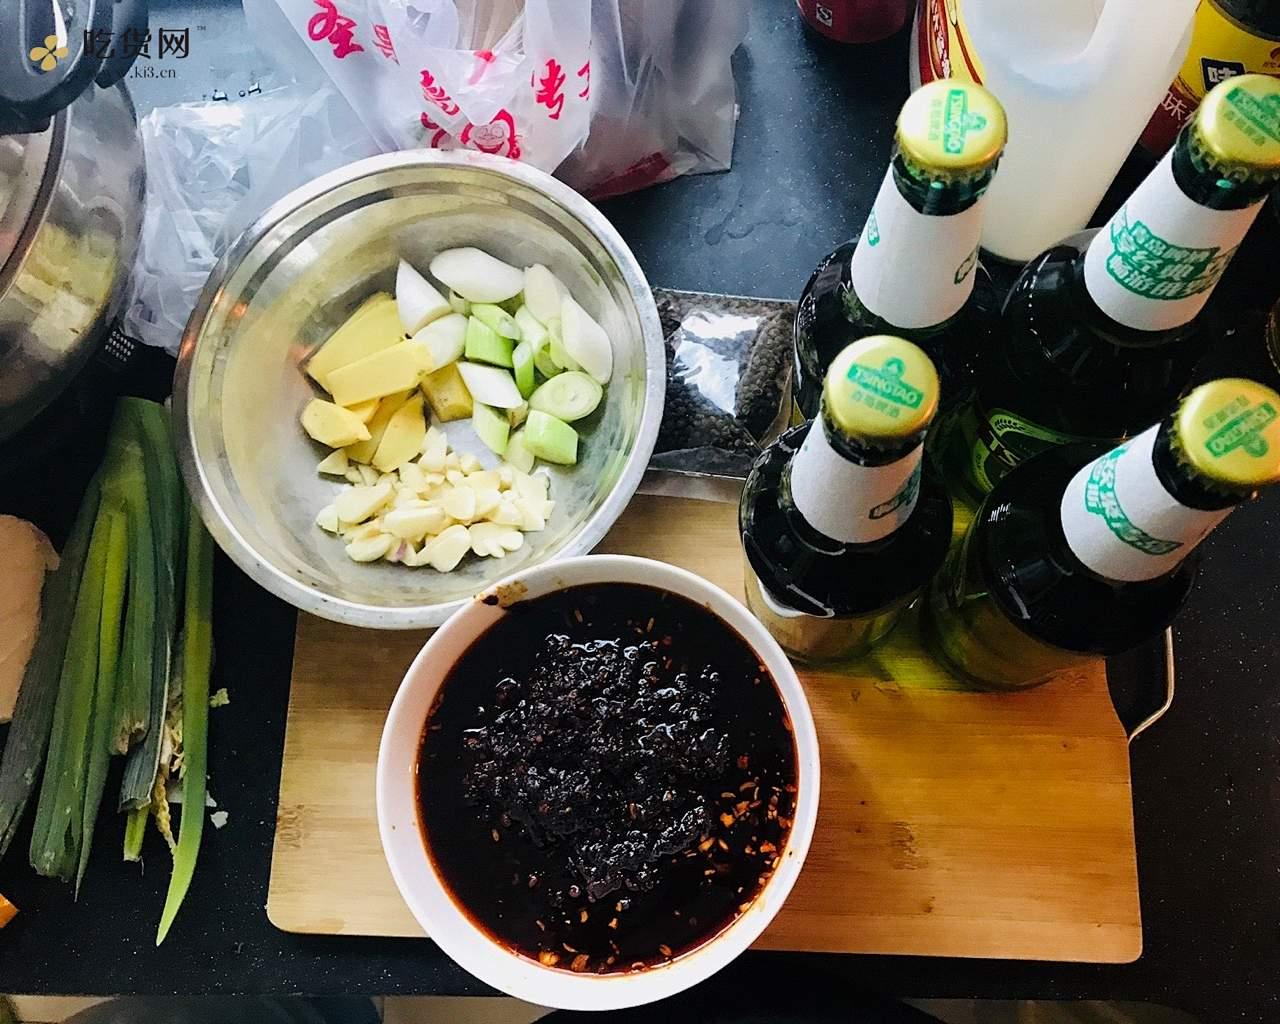 麻辣小龙虾(海底捞版本)的做法 步骤7